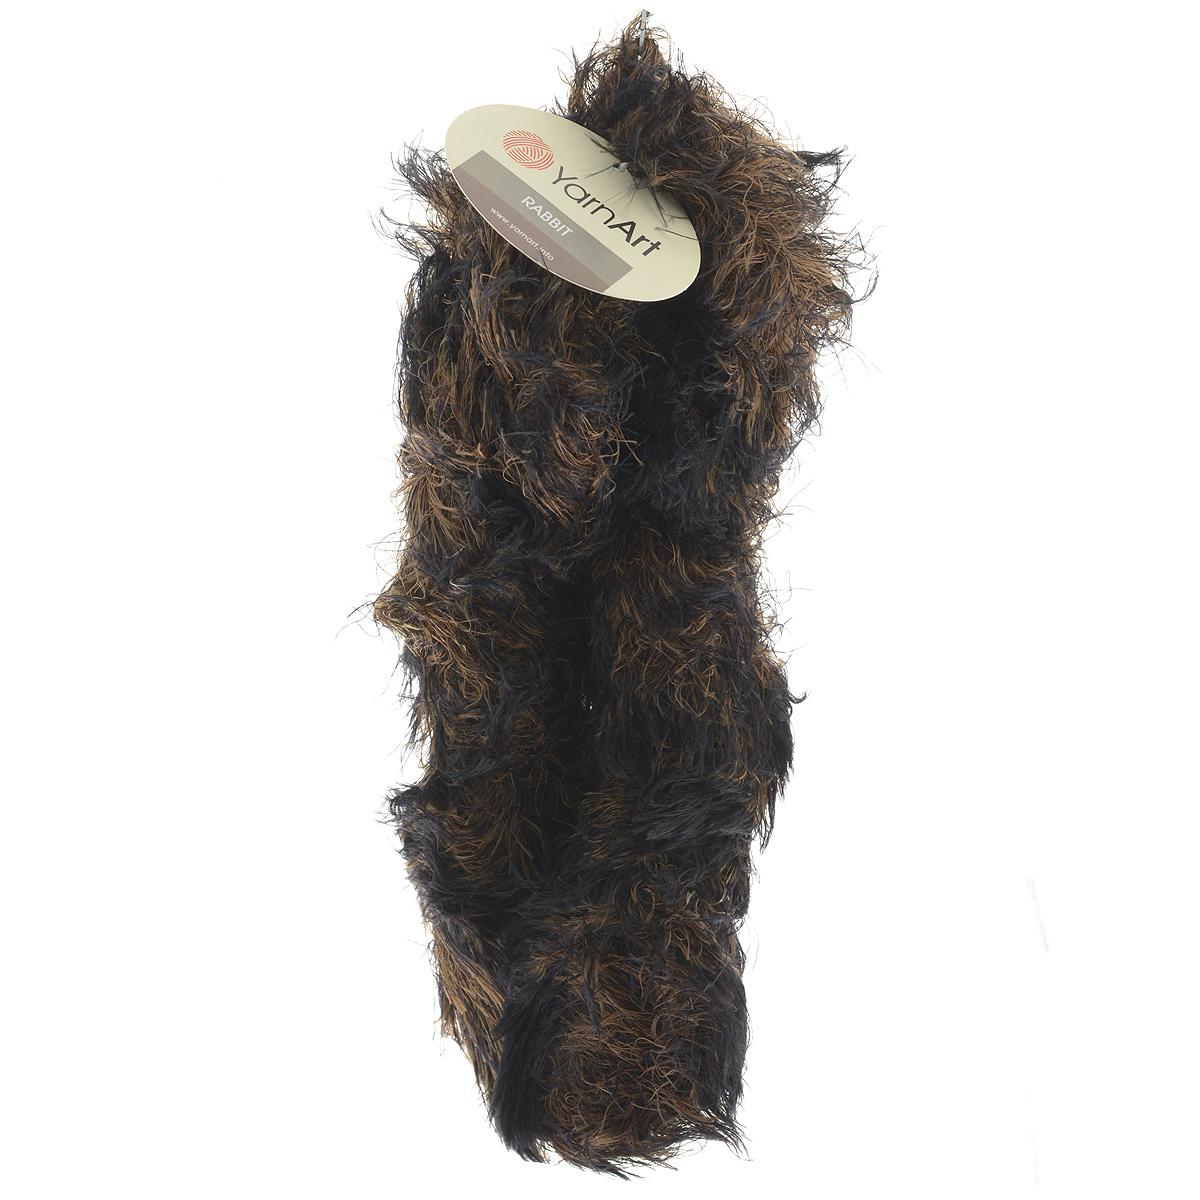 Пряжа для вязания YarnArt Rabbit, цвет: черный, коричневый (556), 90 м, 100 г, 4 шт693354_556Пряжа Rabbit - новинка, имитирующая мех кролика фантазийной окраски. Нить тонкая с длинным ворсом. Подходит в качестве отделки одежды, а также в качестве основной пряжи. Вязать лучше всего лицевой гладью, тогда изделие получится мягким и пушистым, как настоящий мех. Состав: 100% полиамид. Рекомендованные спицы и крючок № 6-6,5.